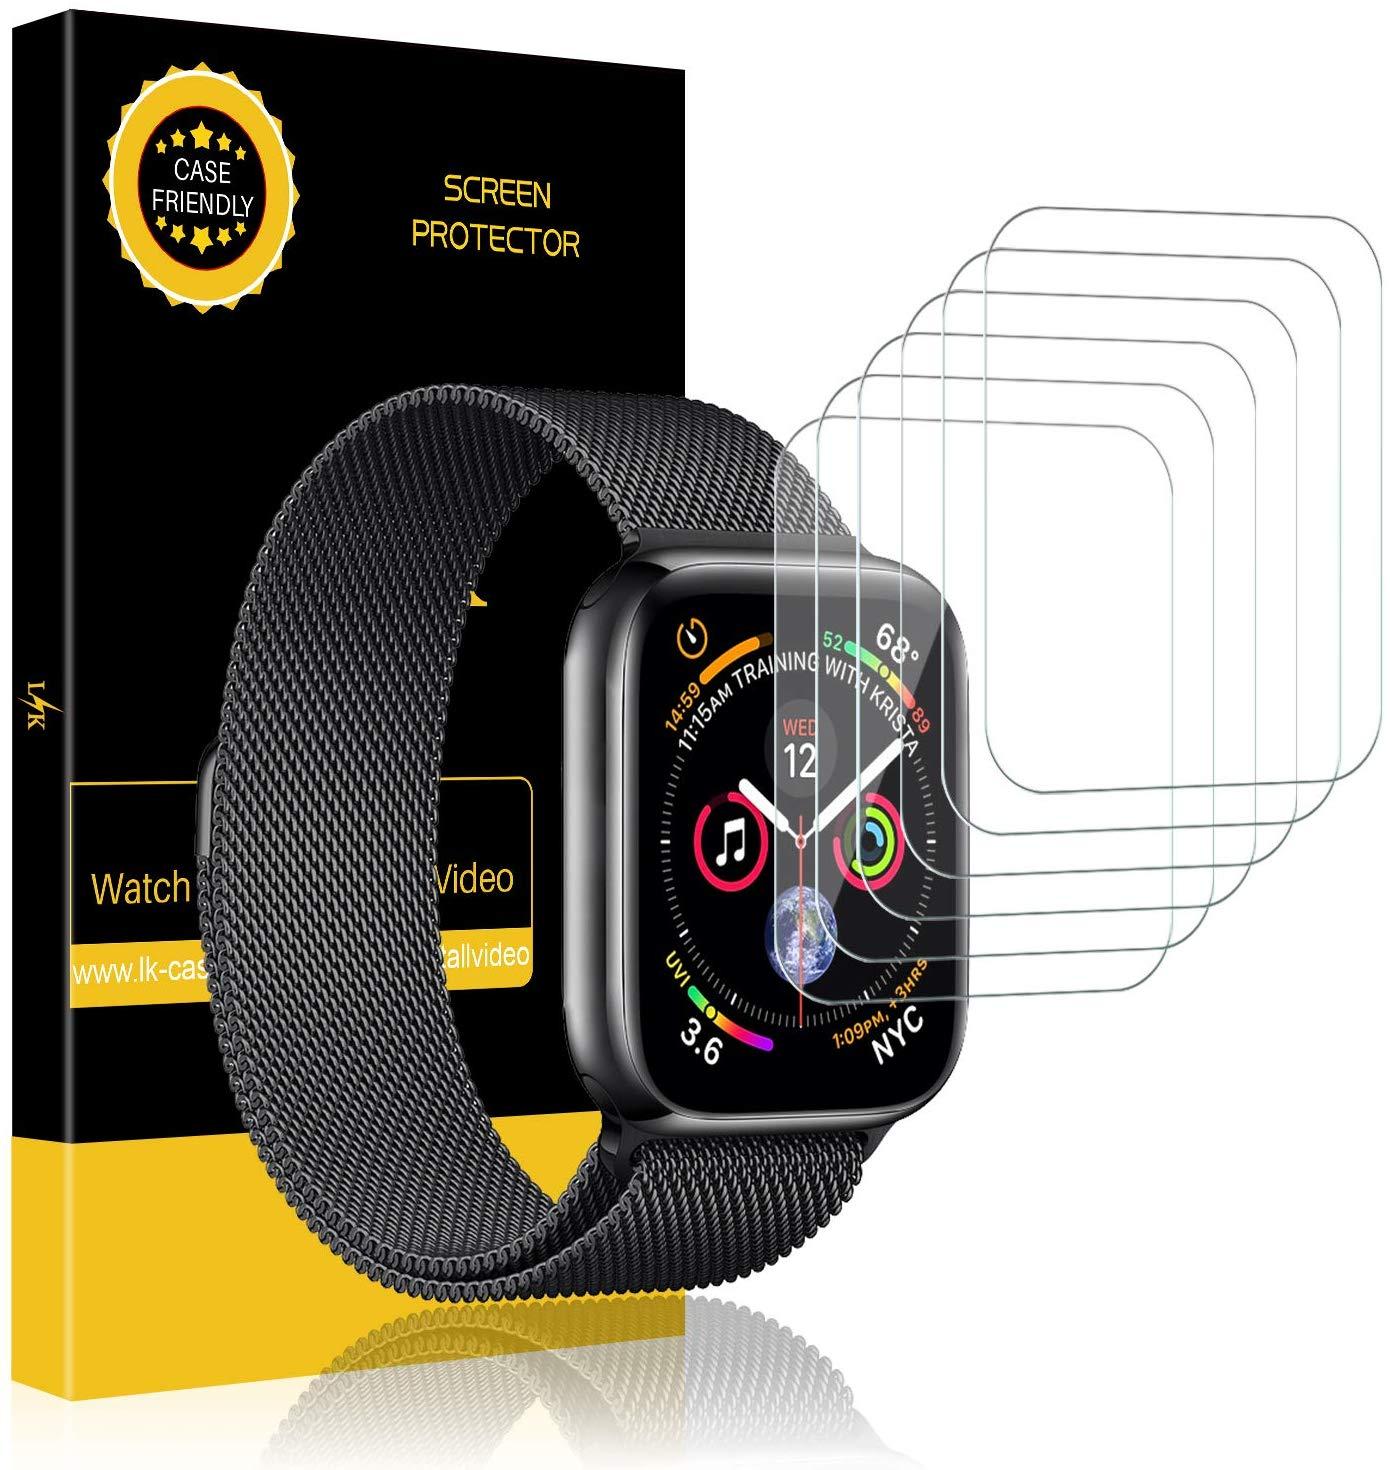 I migliori accessori per Apple Watch da regalare o regalarsi prima e dopo Natale